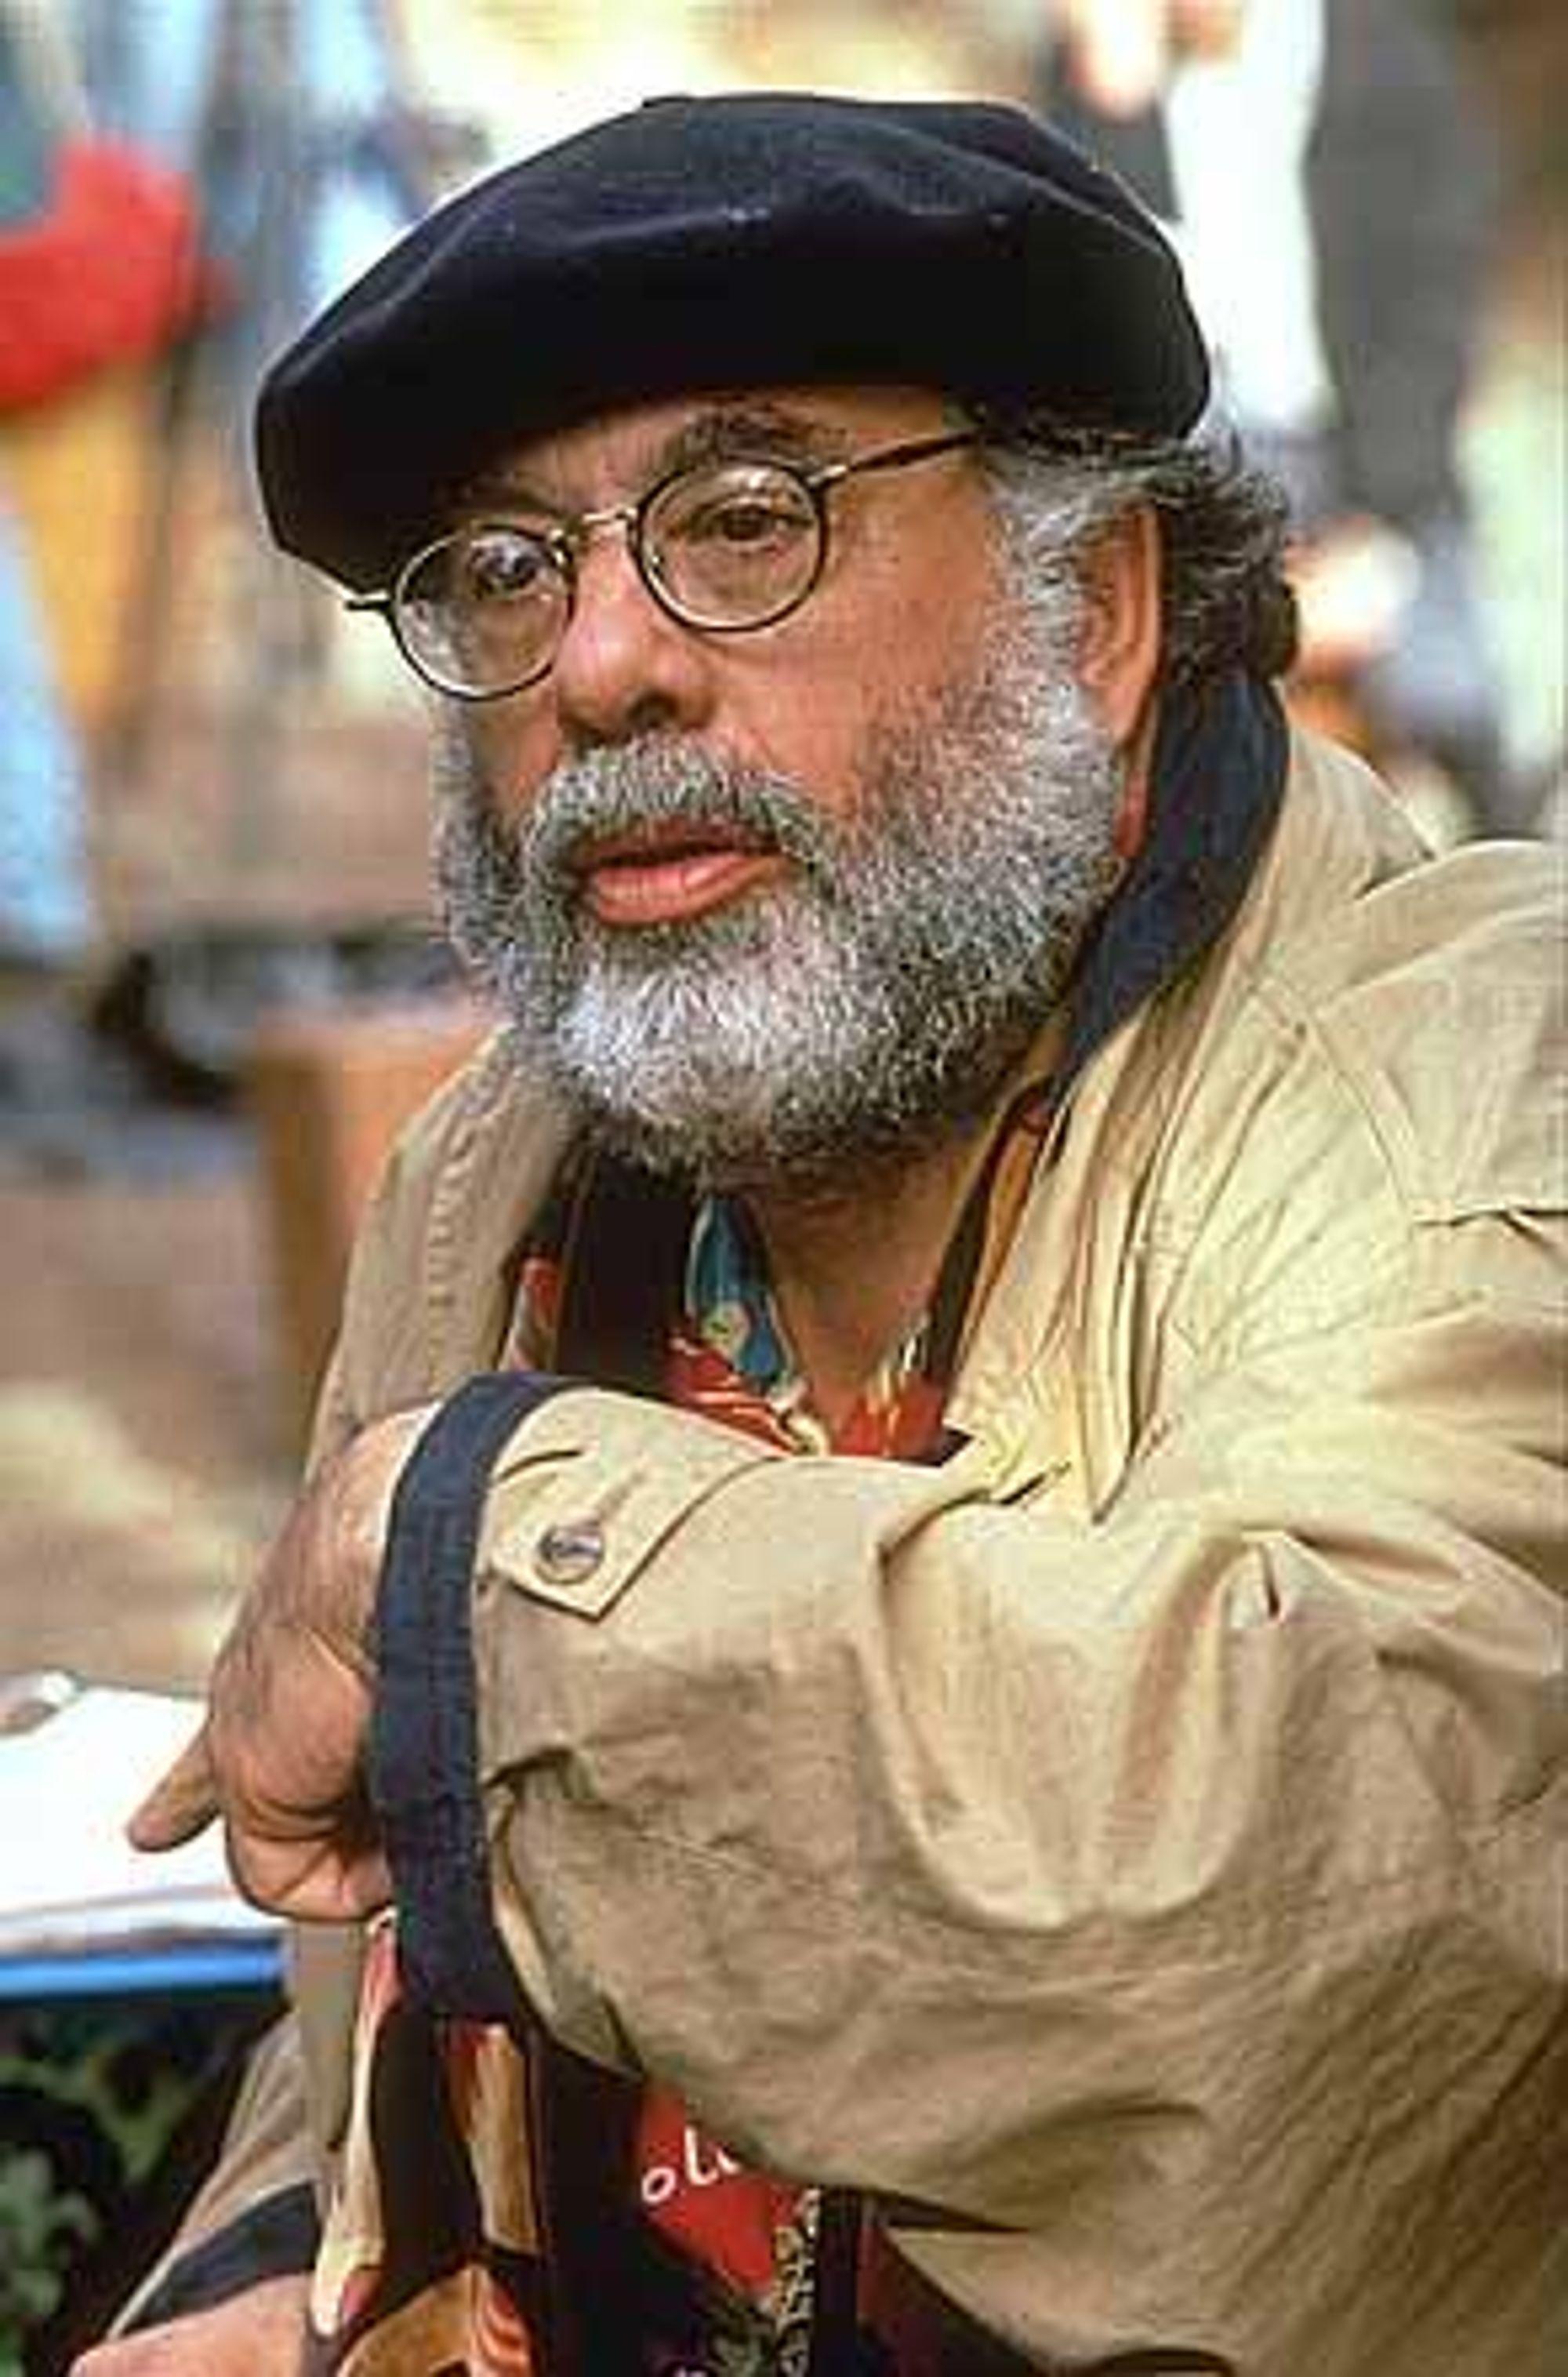 Regissør Coppola ble frastjålet flere års arbeid.